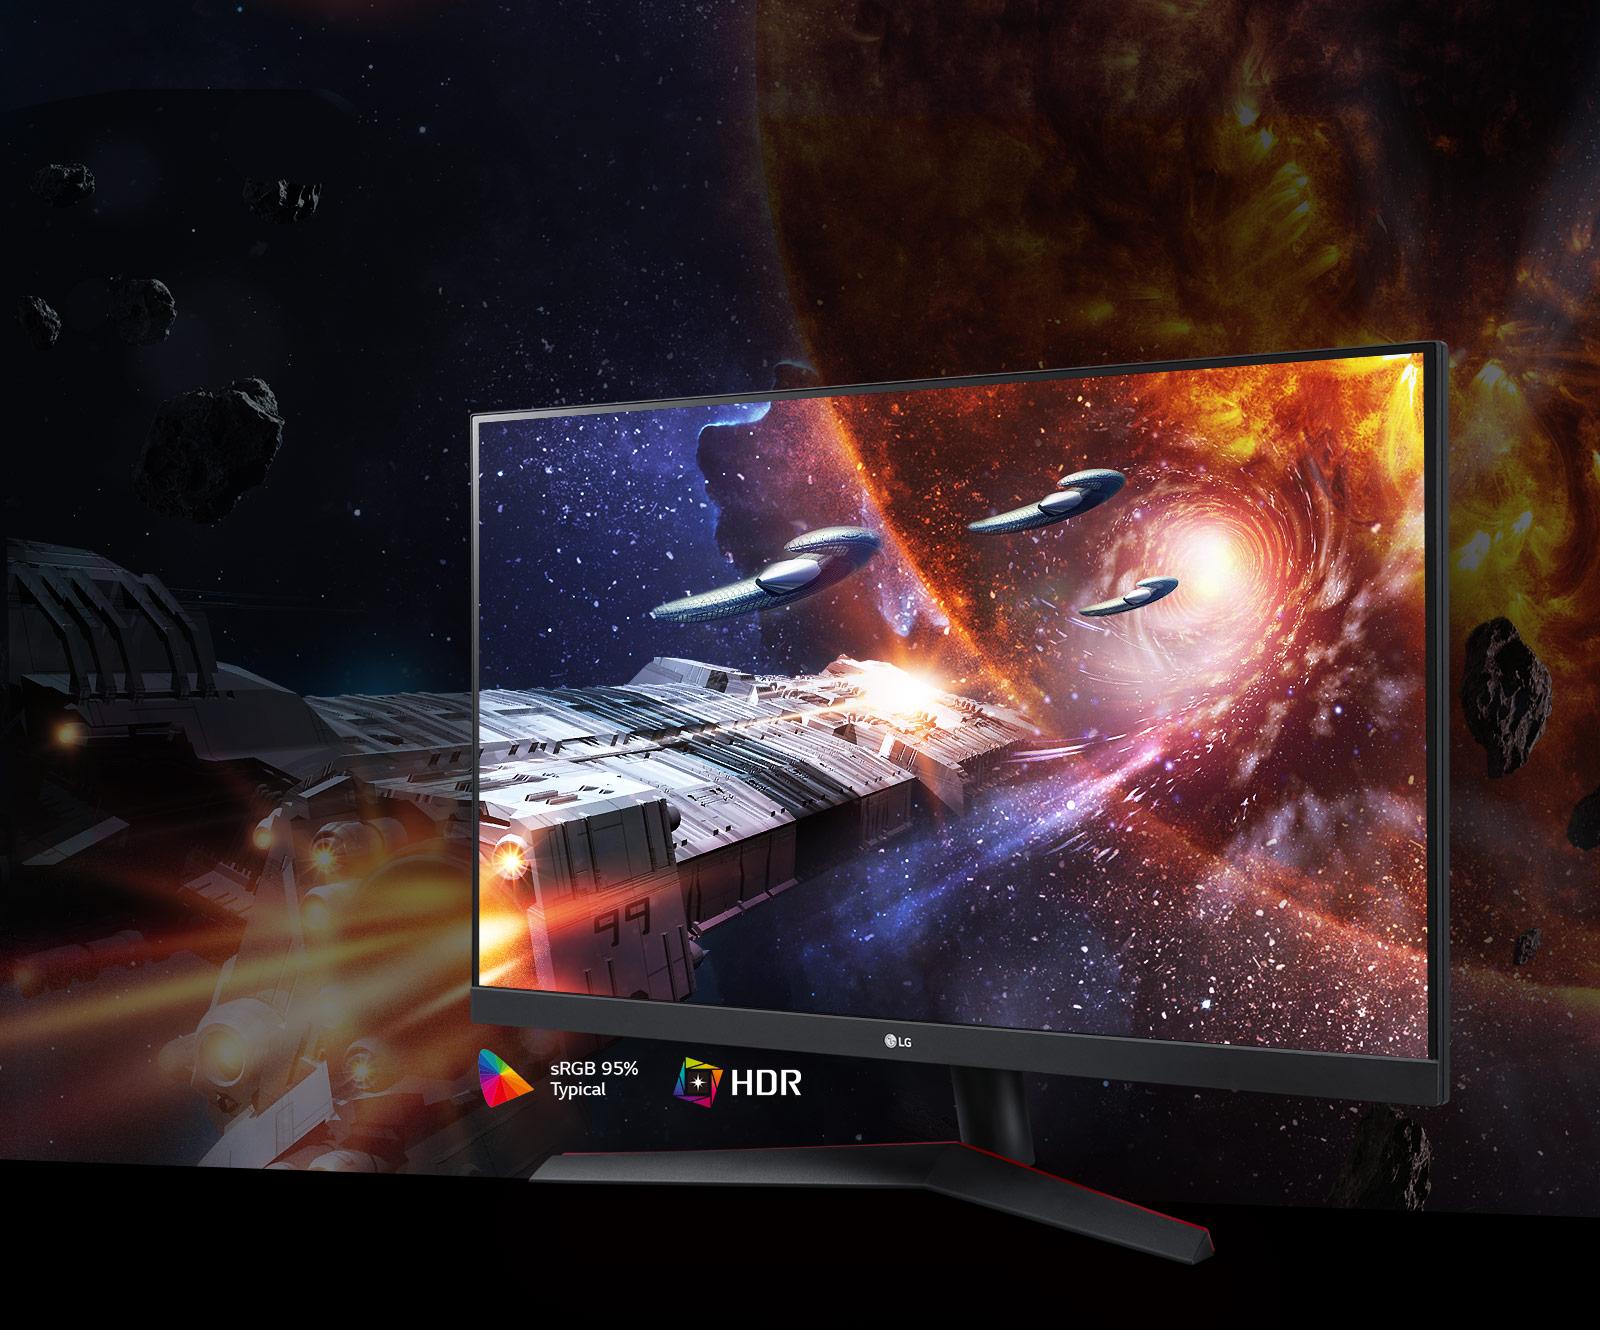 Cảnh game với màu sắc và độ tương phản phong phú trên màn hình hỗ trợ HDR10 với sRGB 95% (Thông thường)